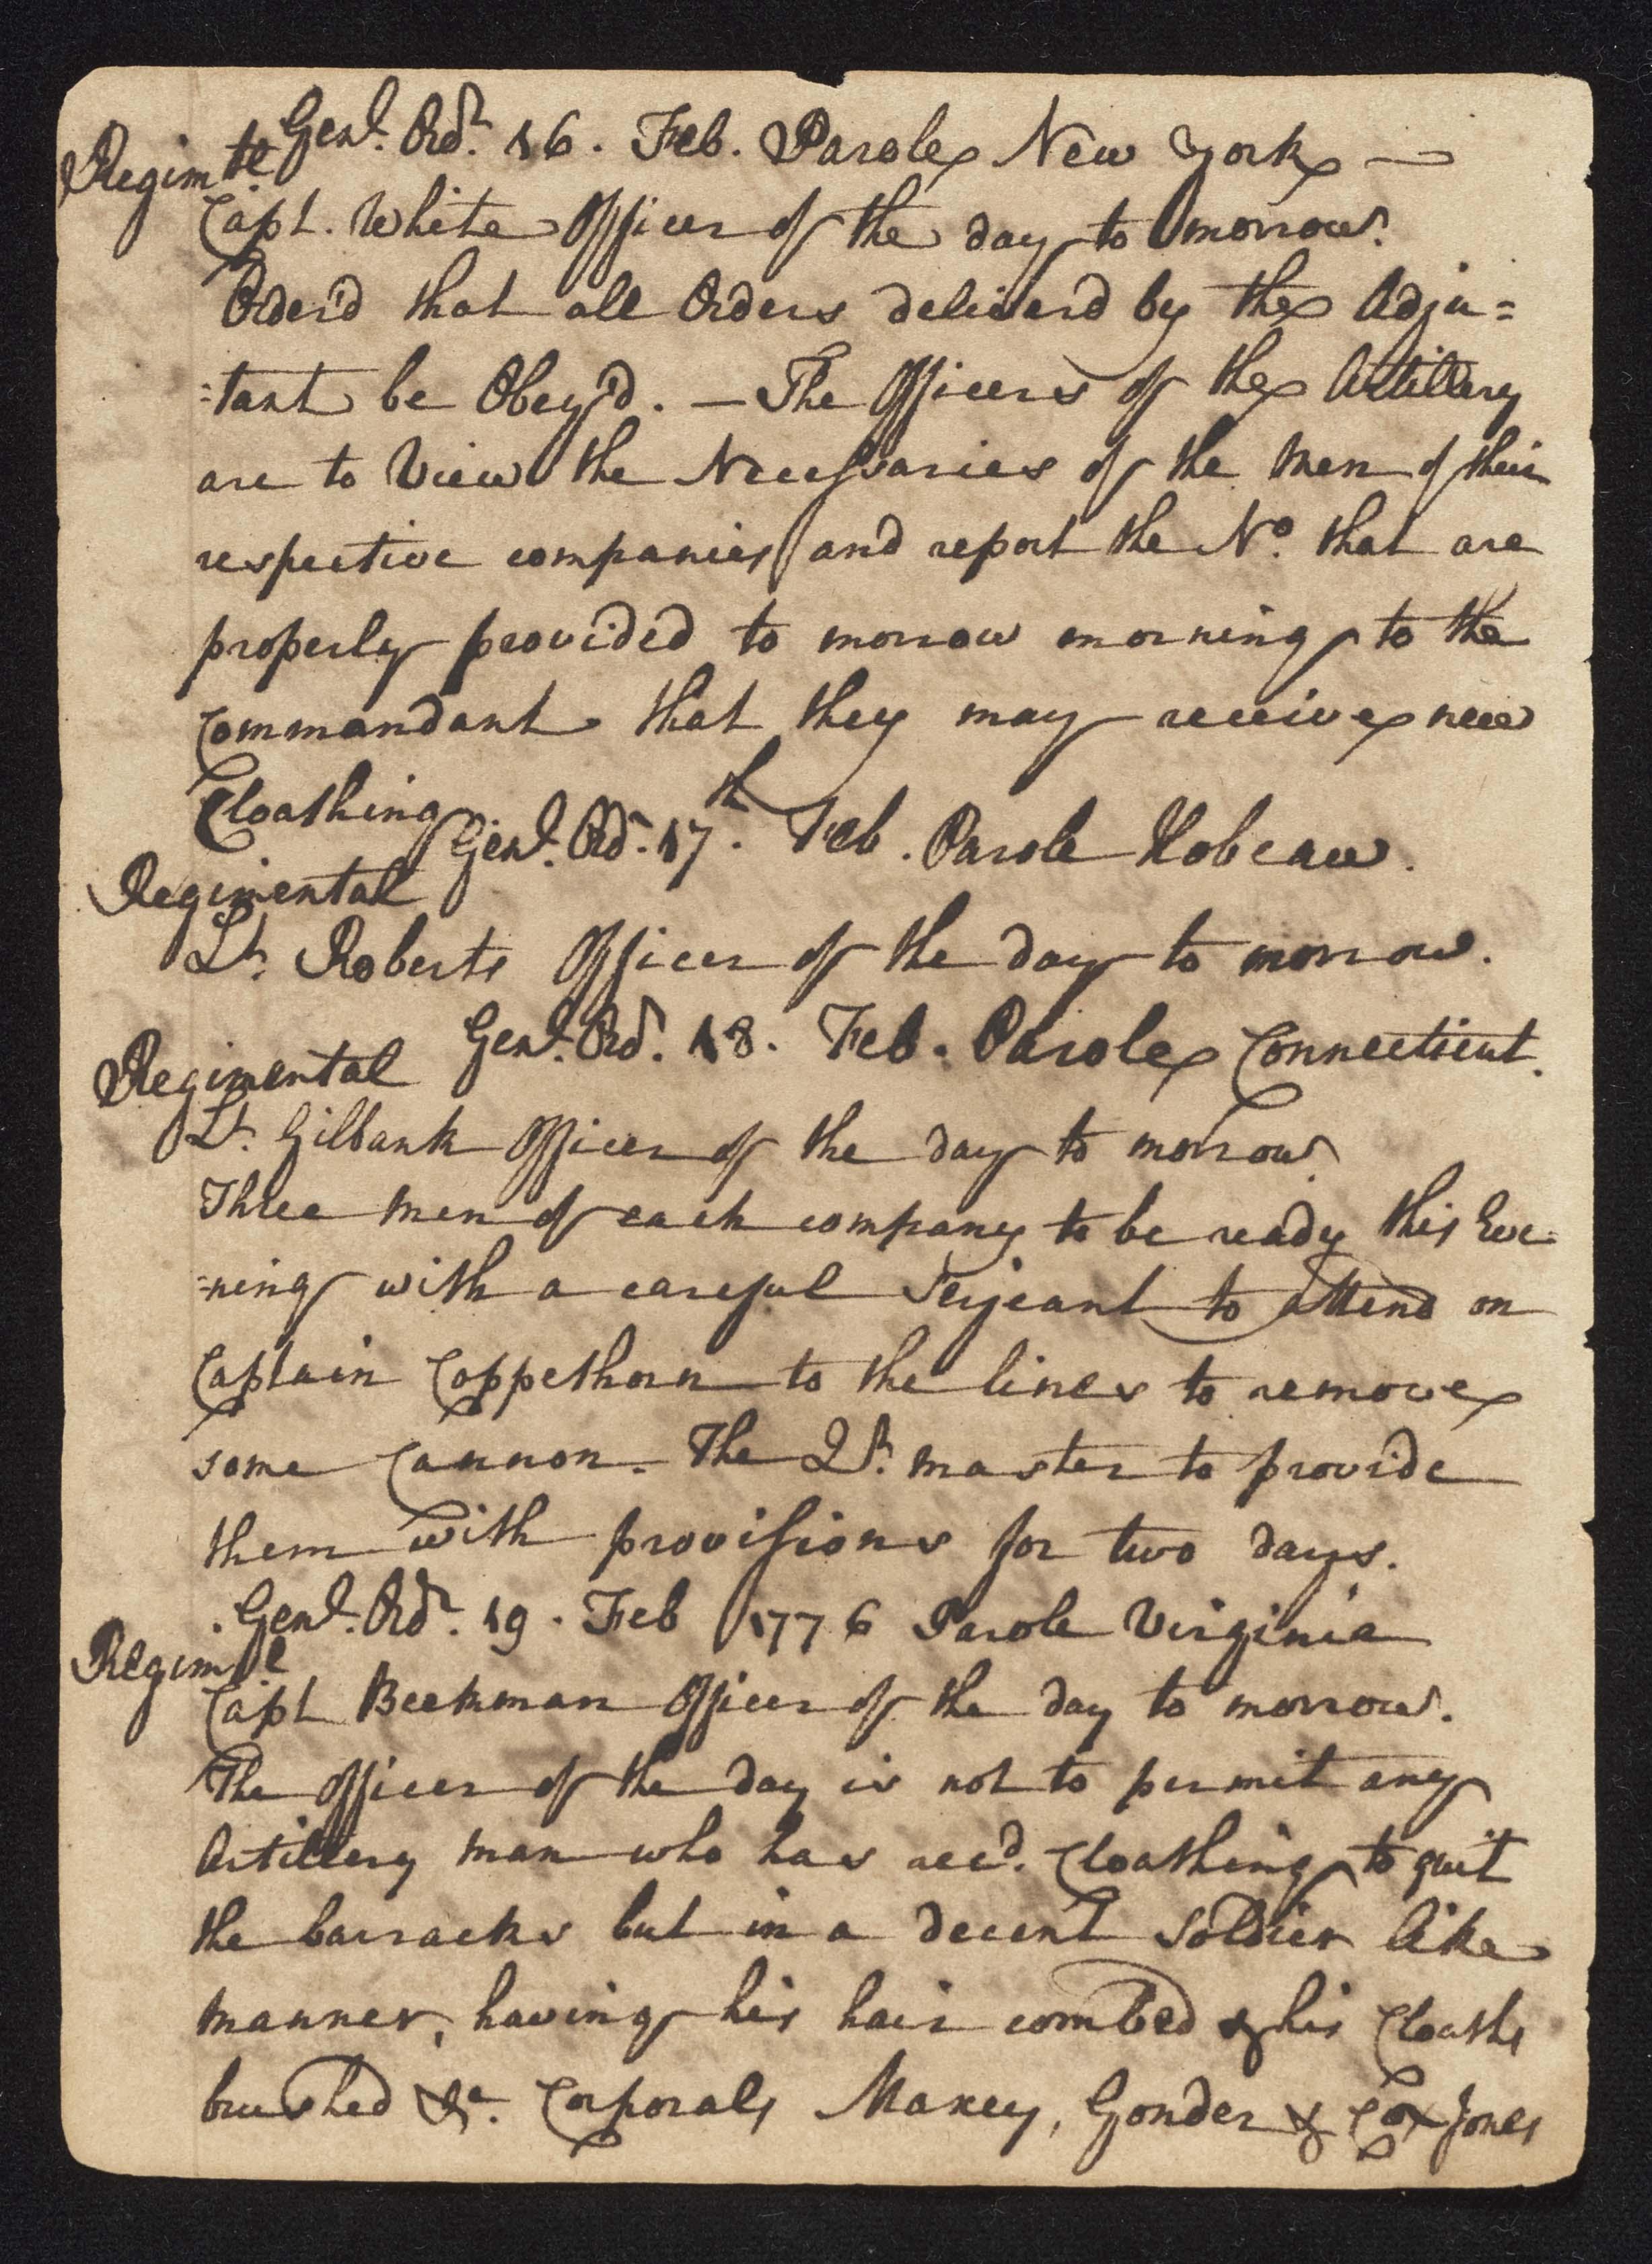 South Carolina Regiment Order Book, Page 72